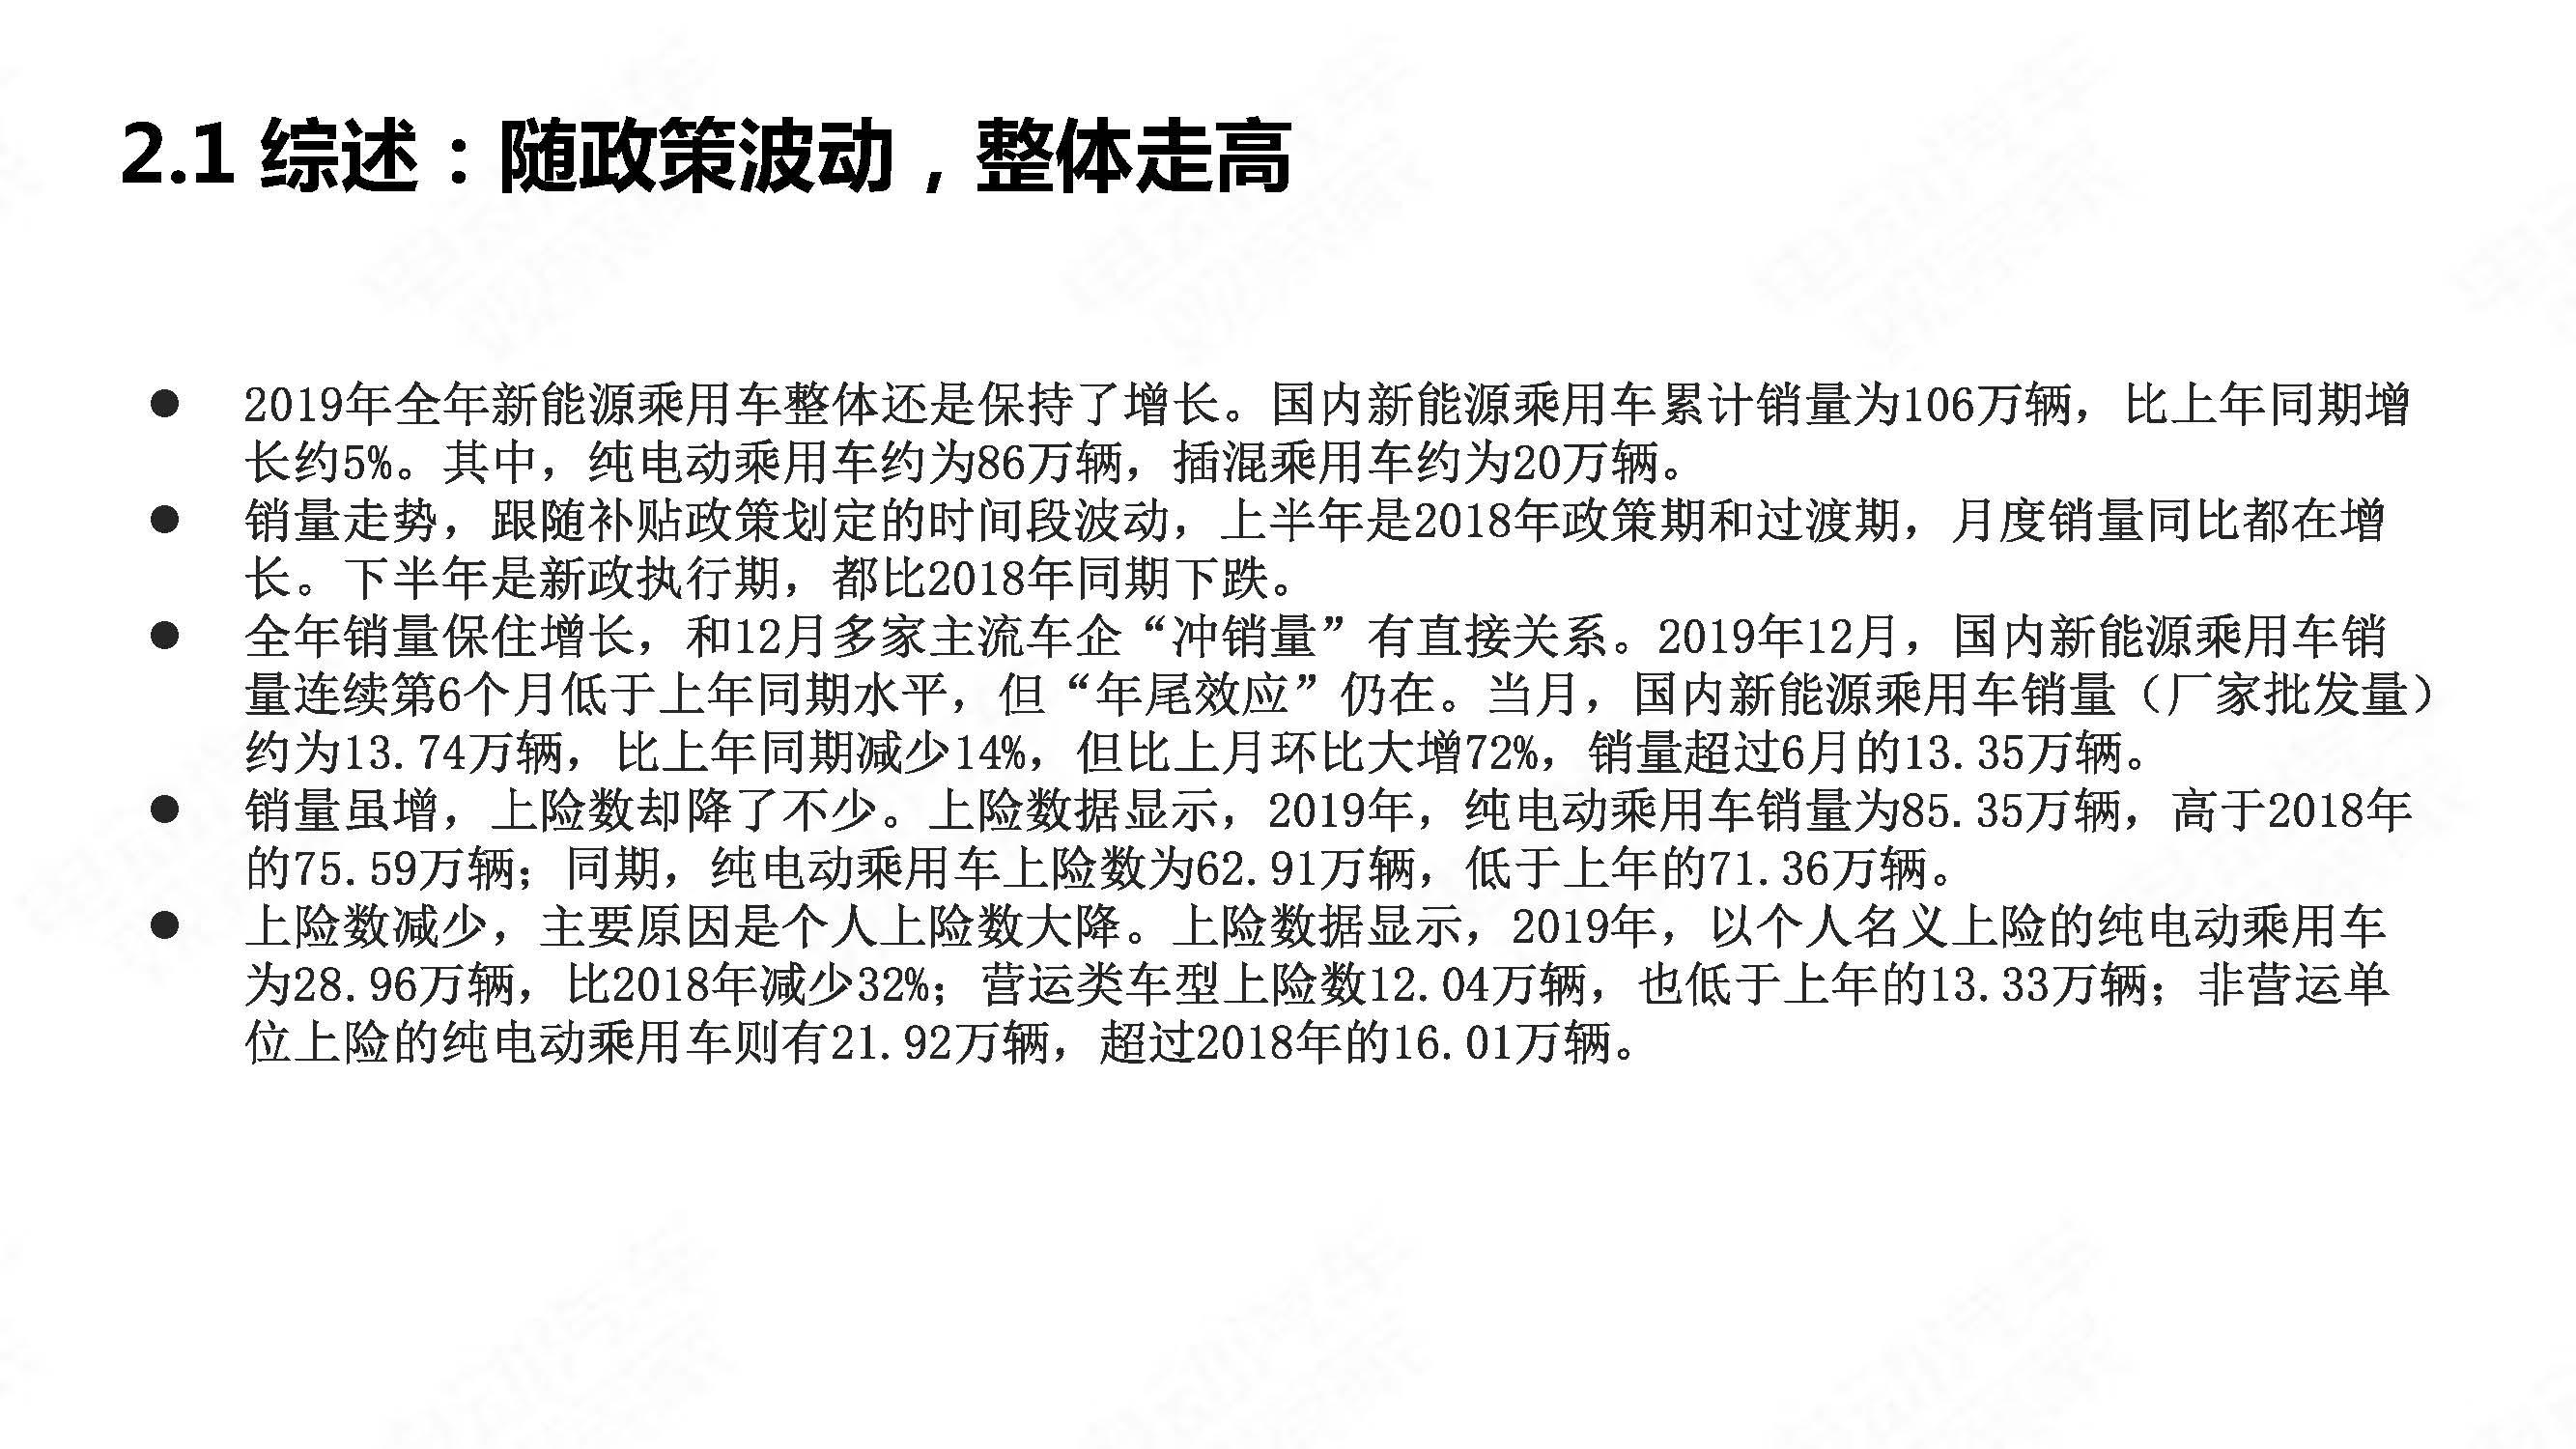 中国新能源汽车产业年度观察2020 简版_页面_06